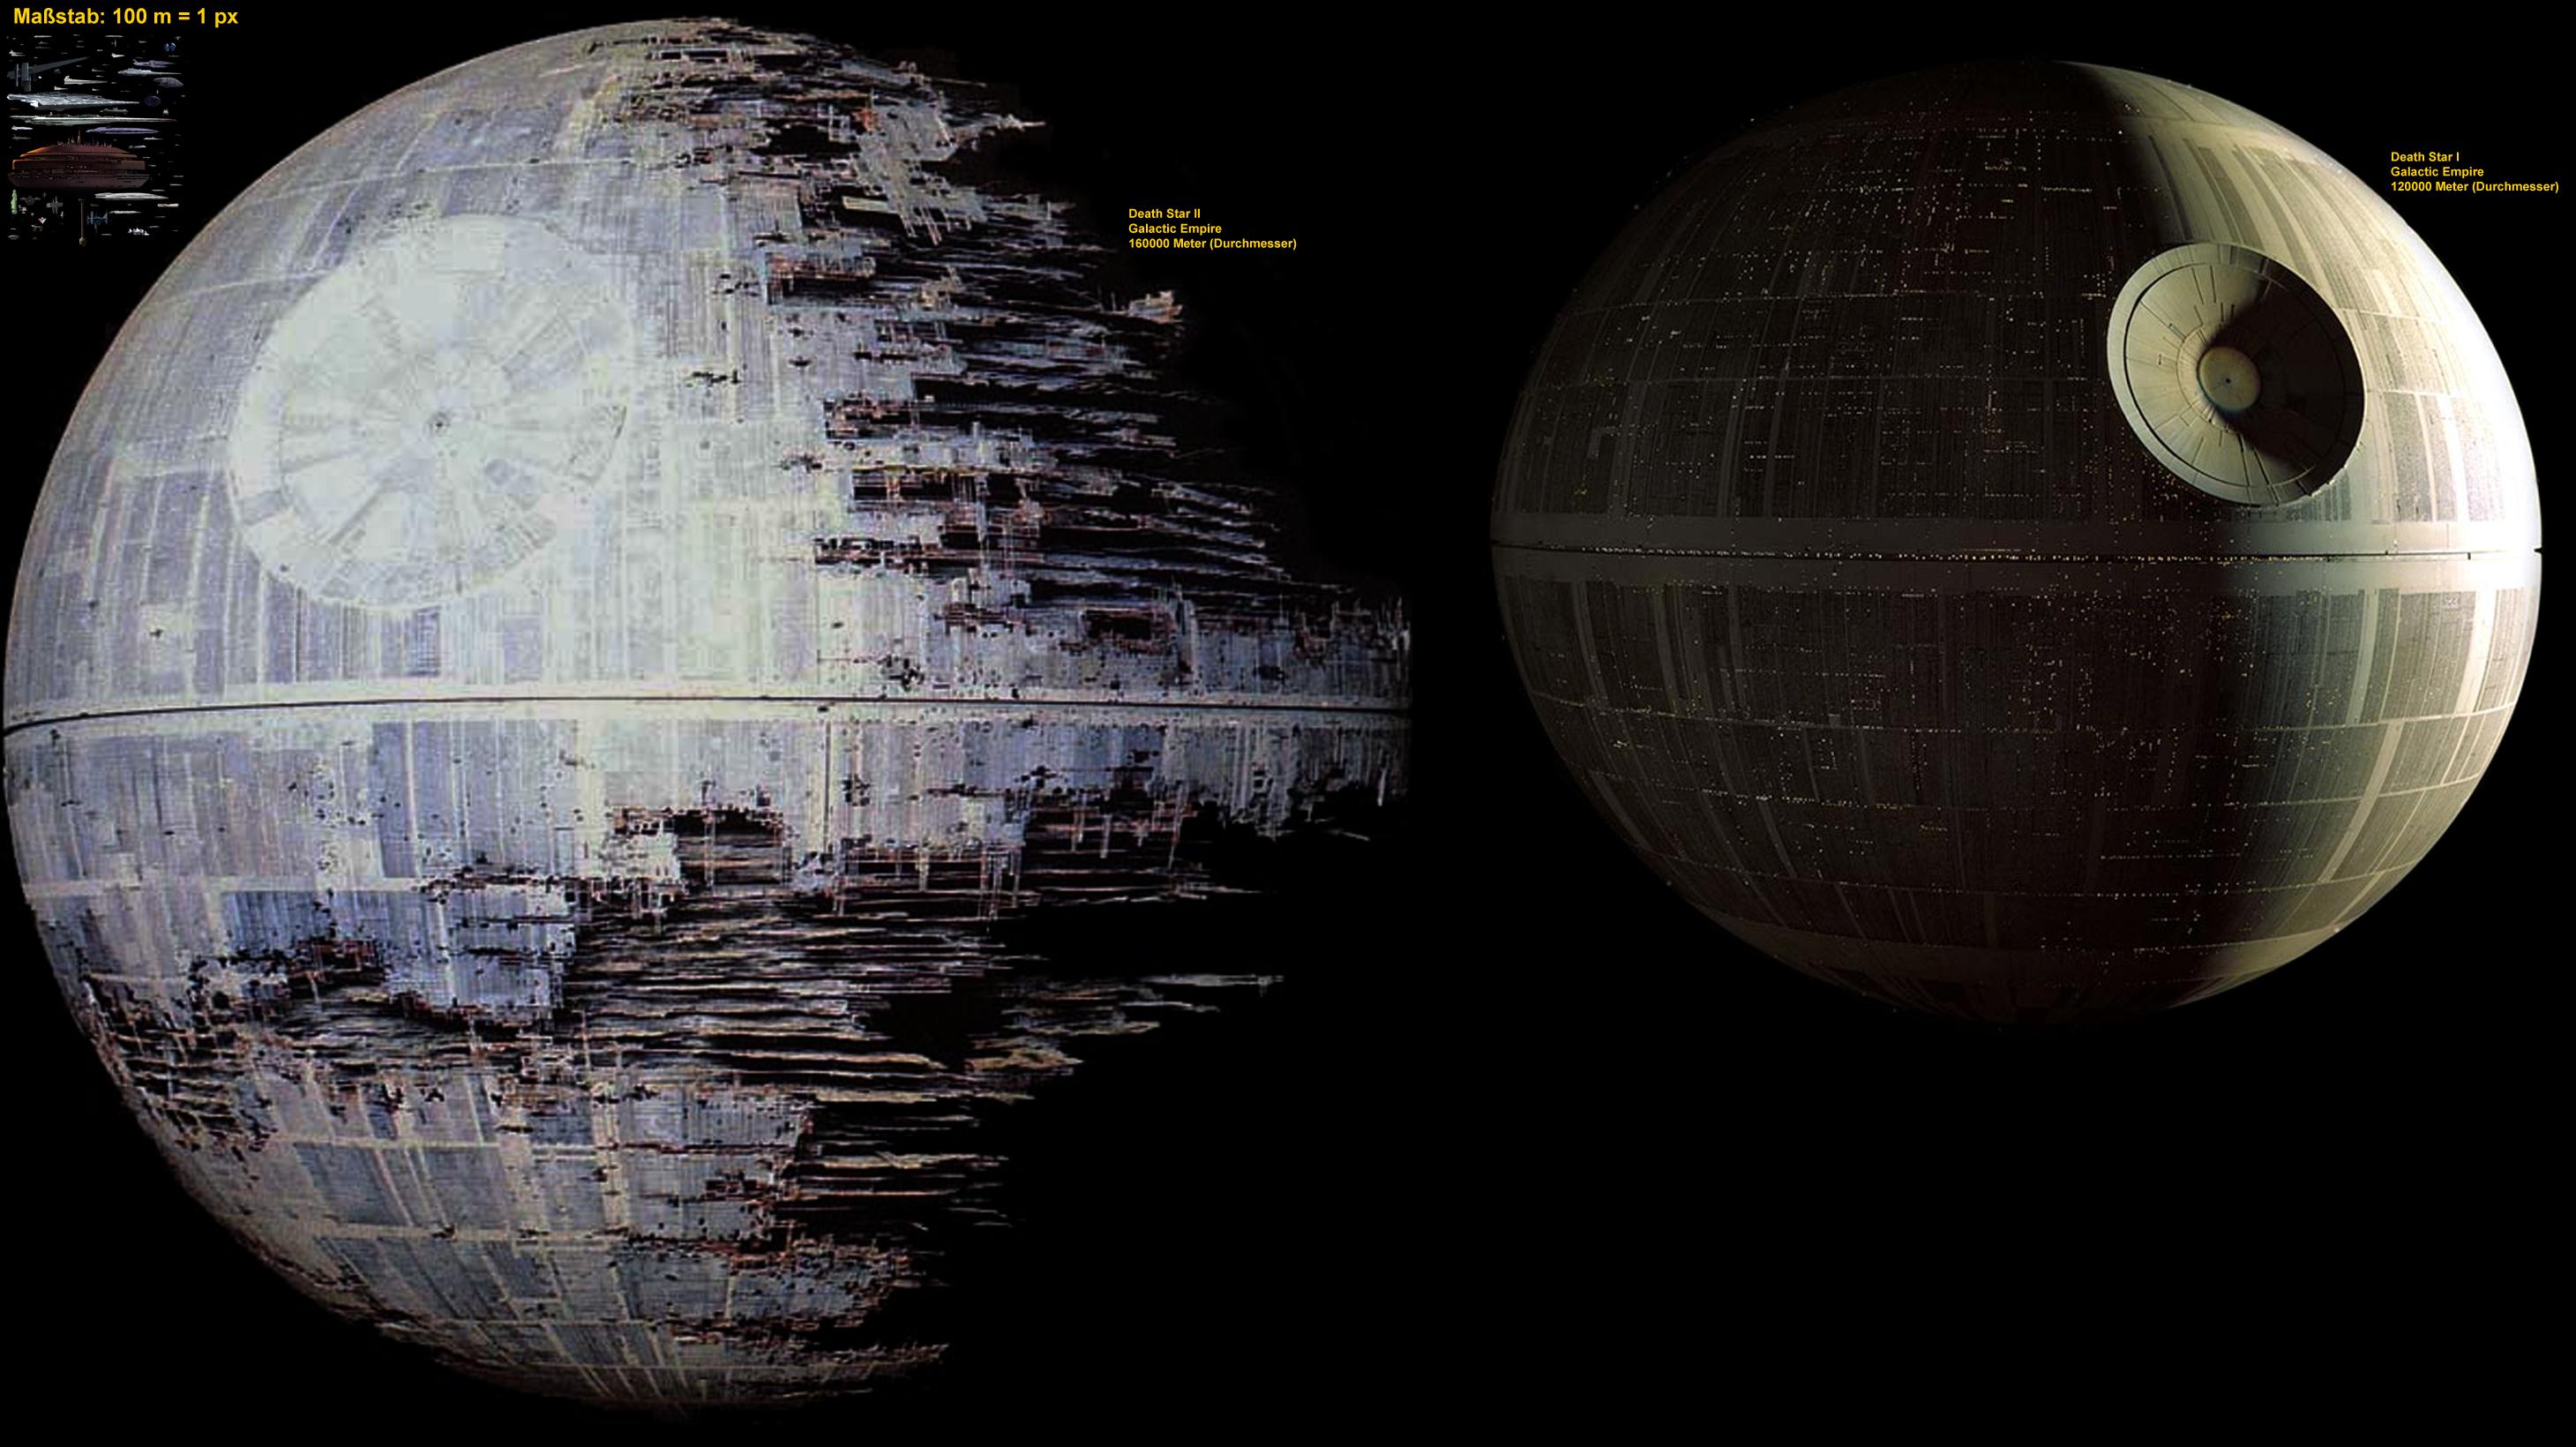 Star Wars Karte.Nerd Graphiker Erschafft Gigantische Vergleichskarte Aller